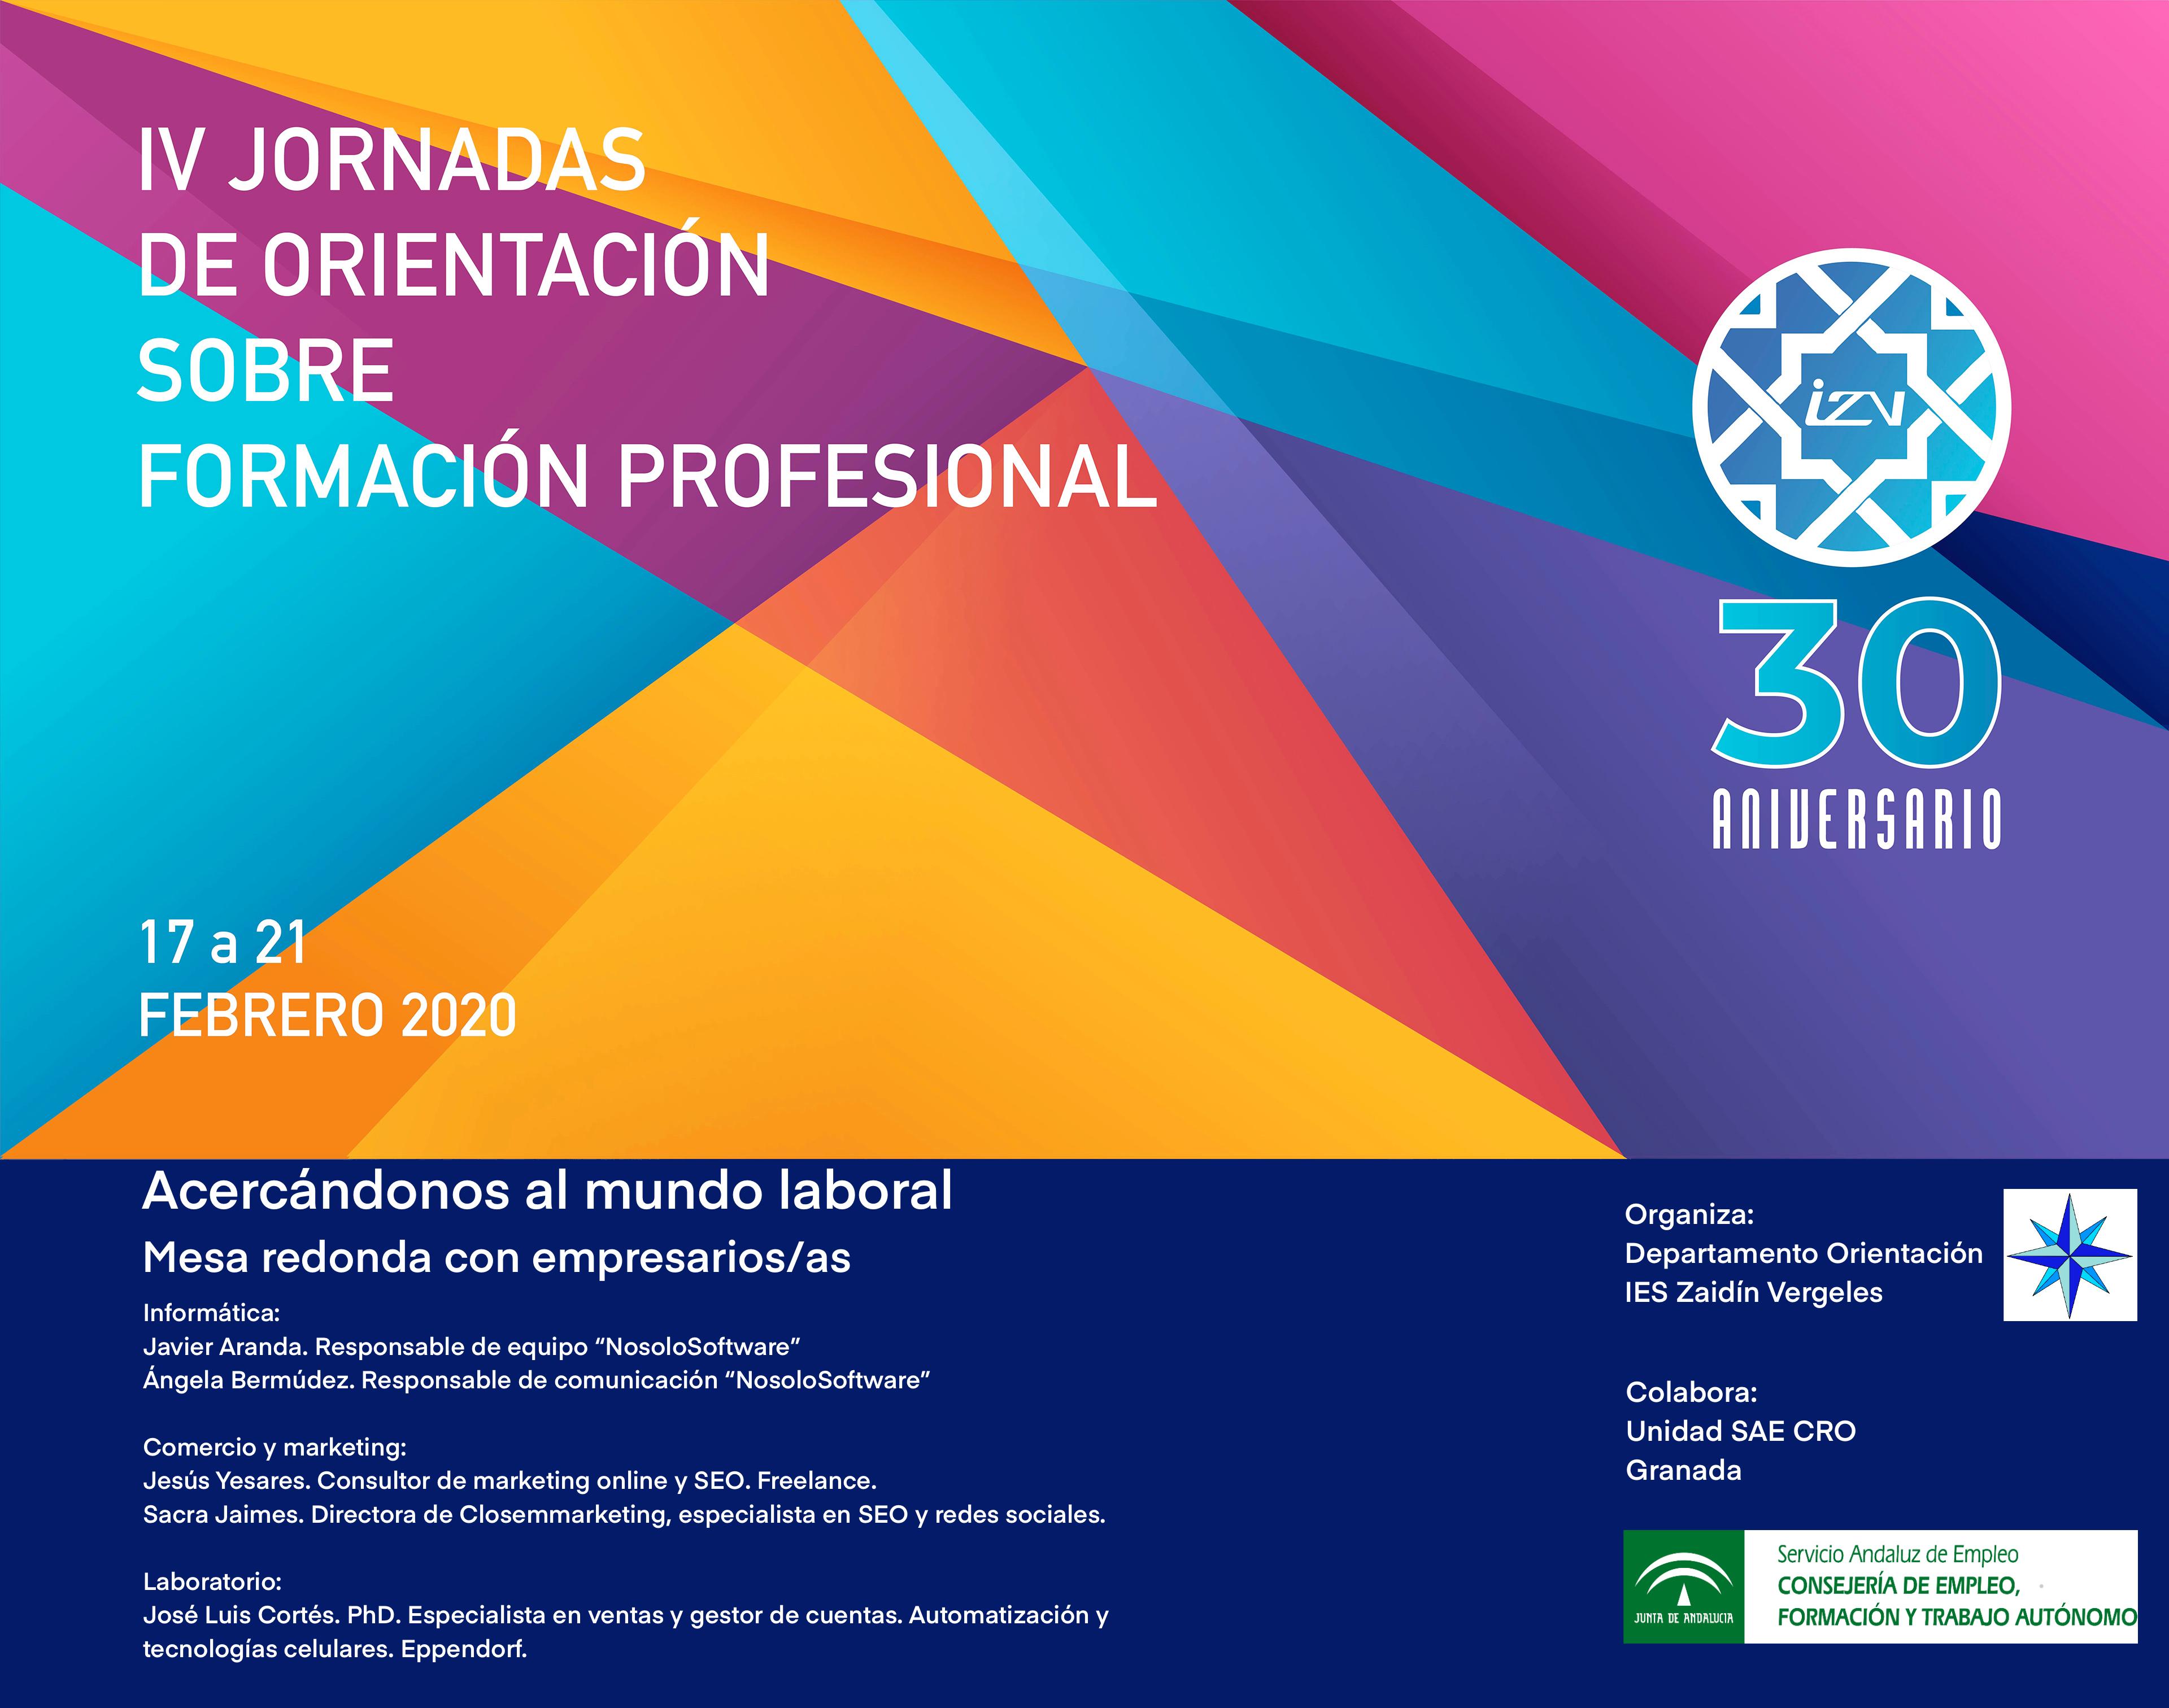 IV Jornadas de Orientación sobre Formación Profesional